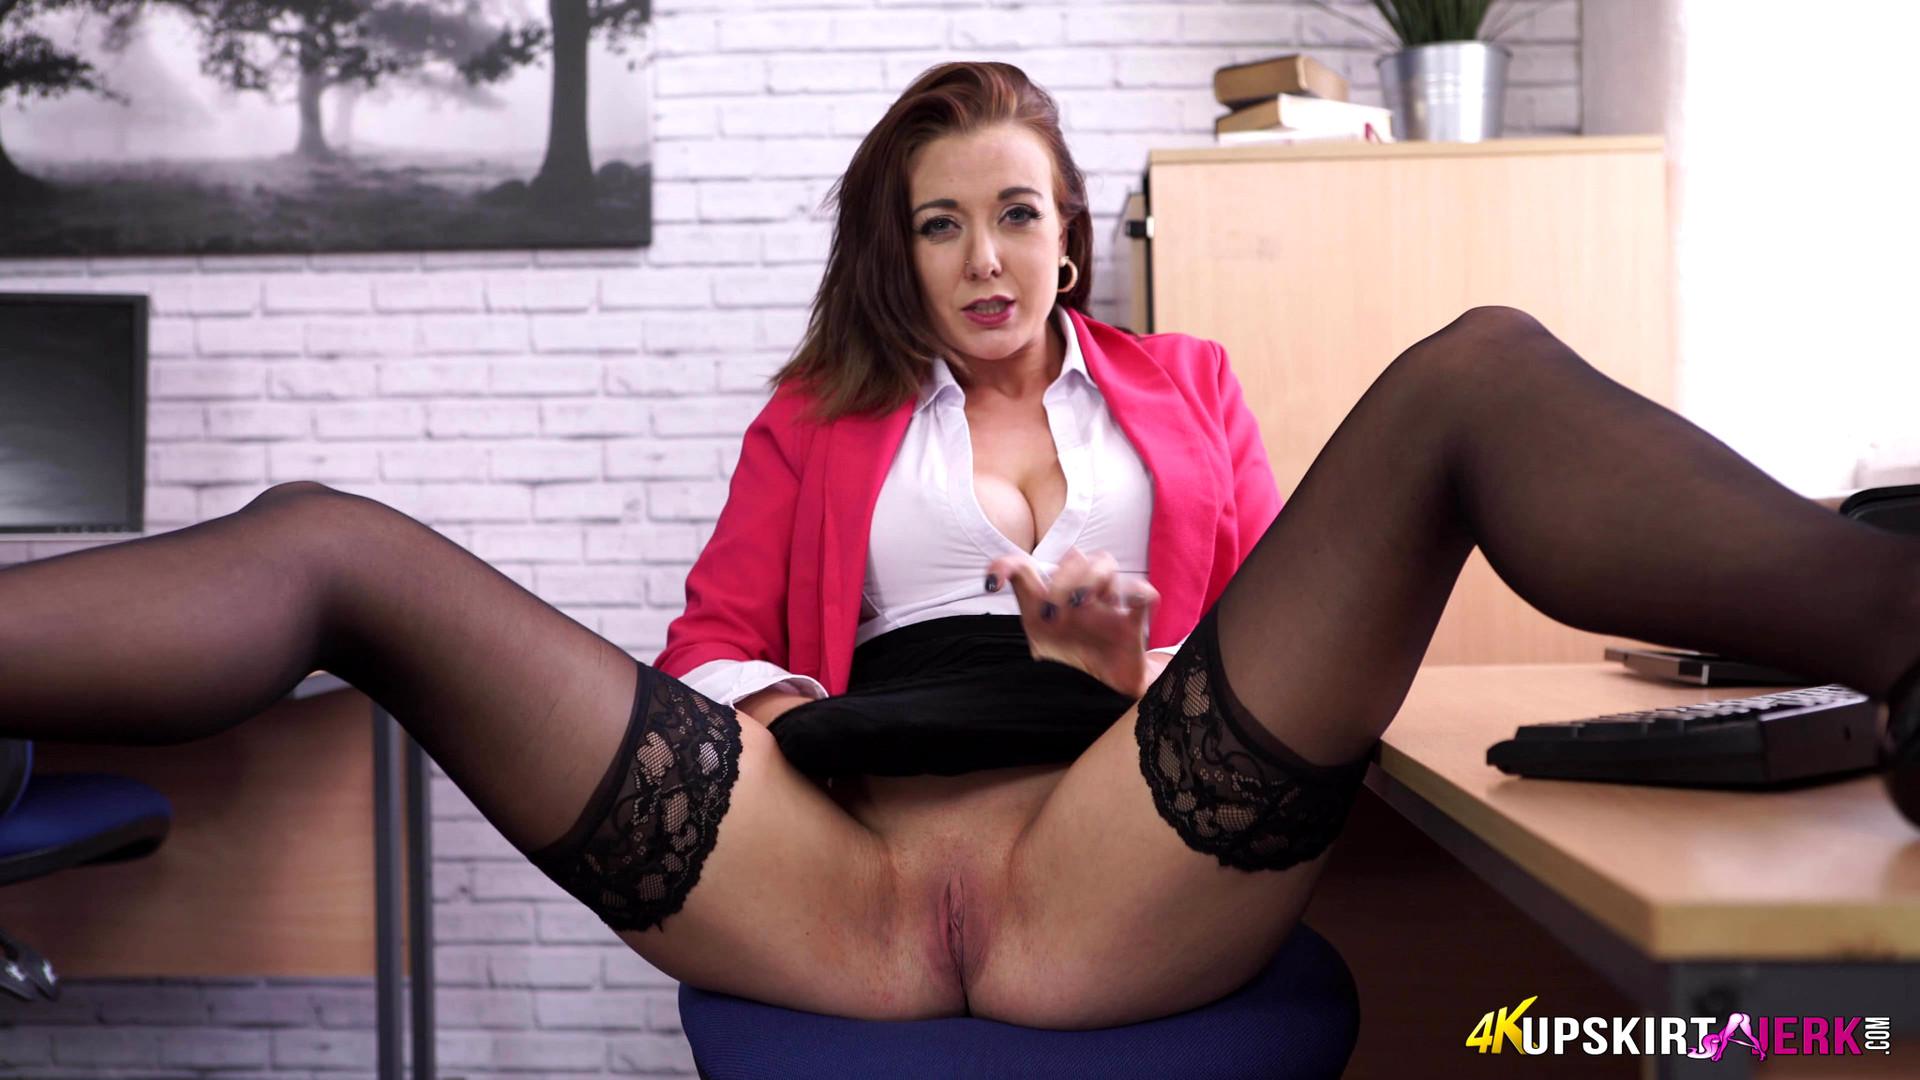 Upskirt secretaries no panties videos #5